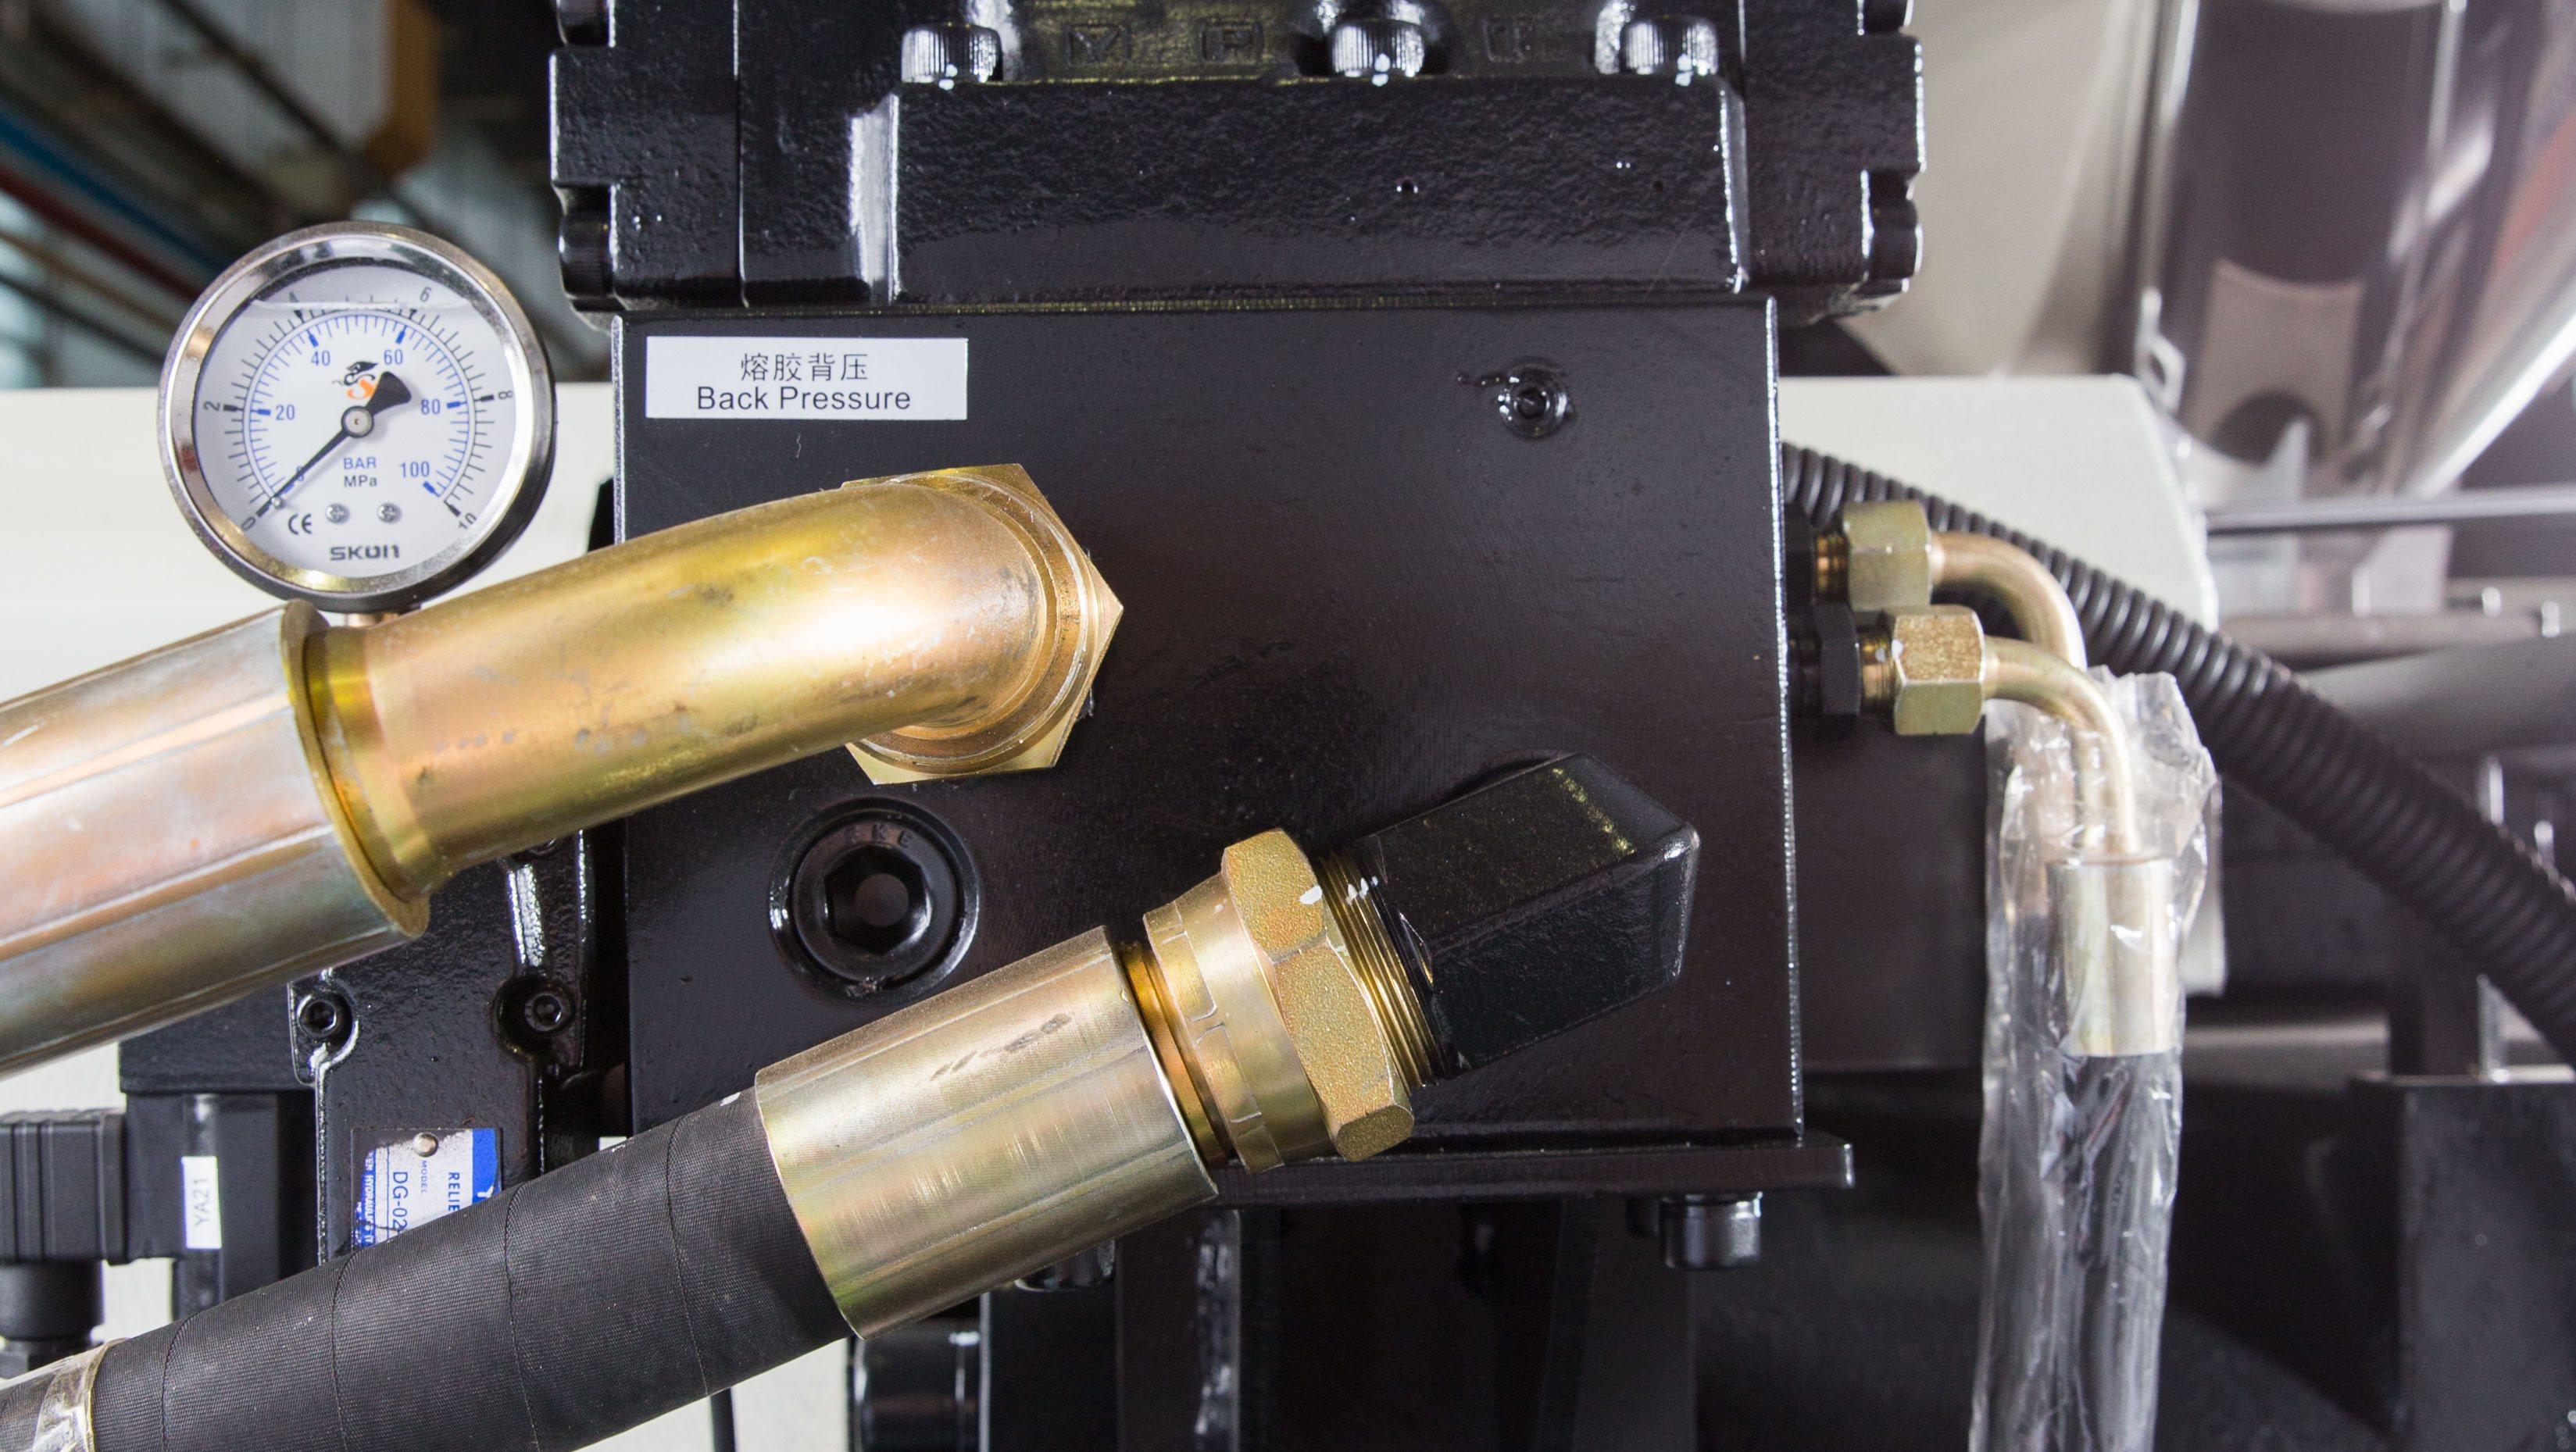 震雄节能注塑机SVP/3+系列,油路系统优化